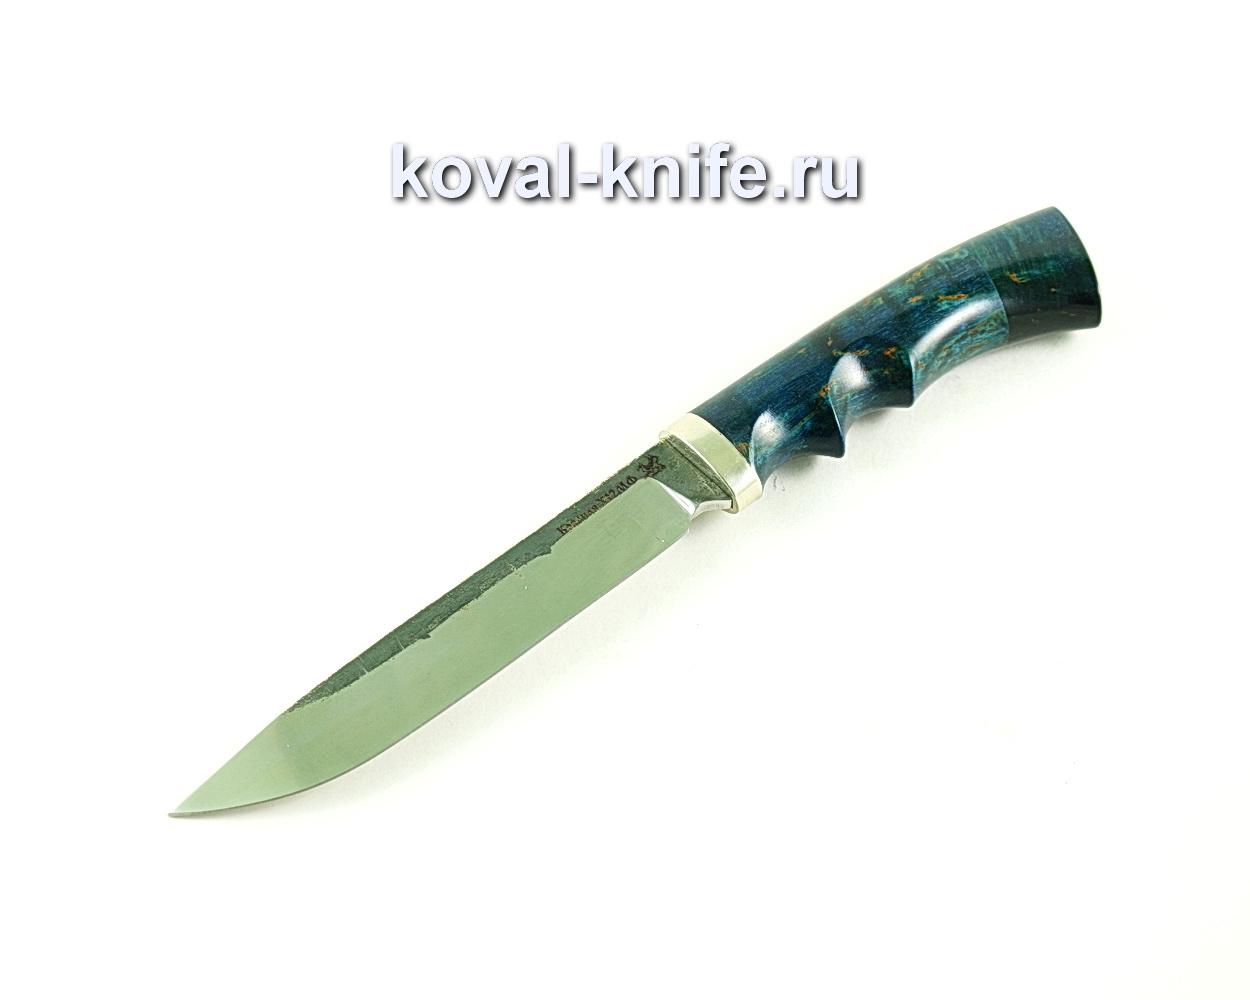 Нож Турист (сталь х12мф), рукоять карельская береза-стабилизированная A295